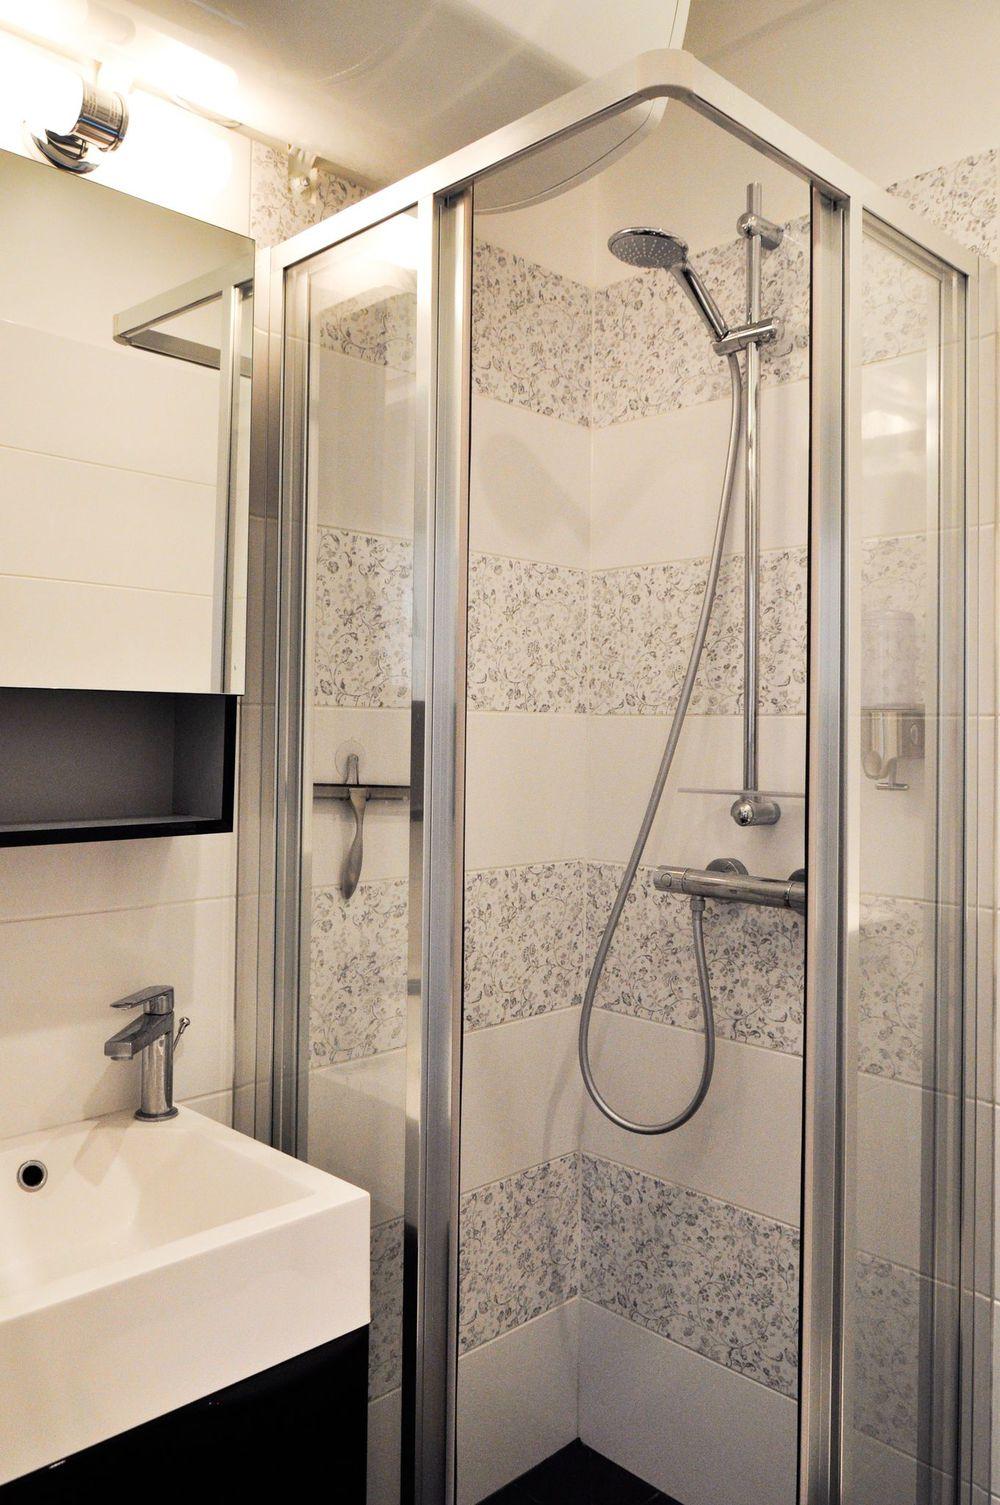 Ванная комната с душевой кабиной и плиткой с узором